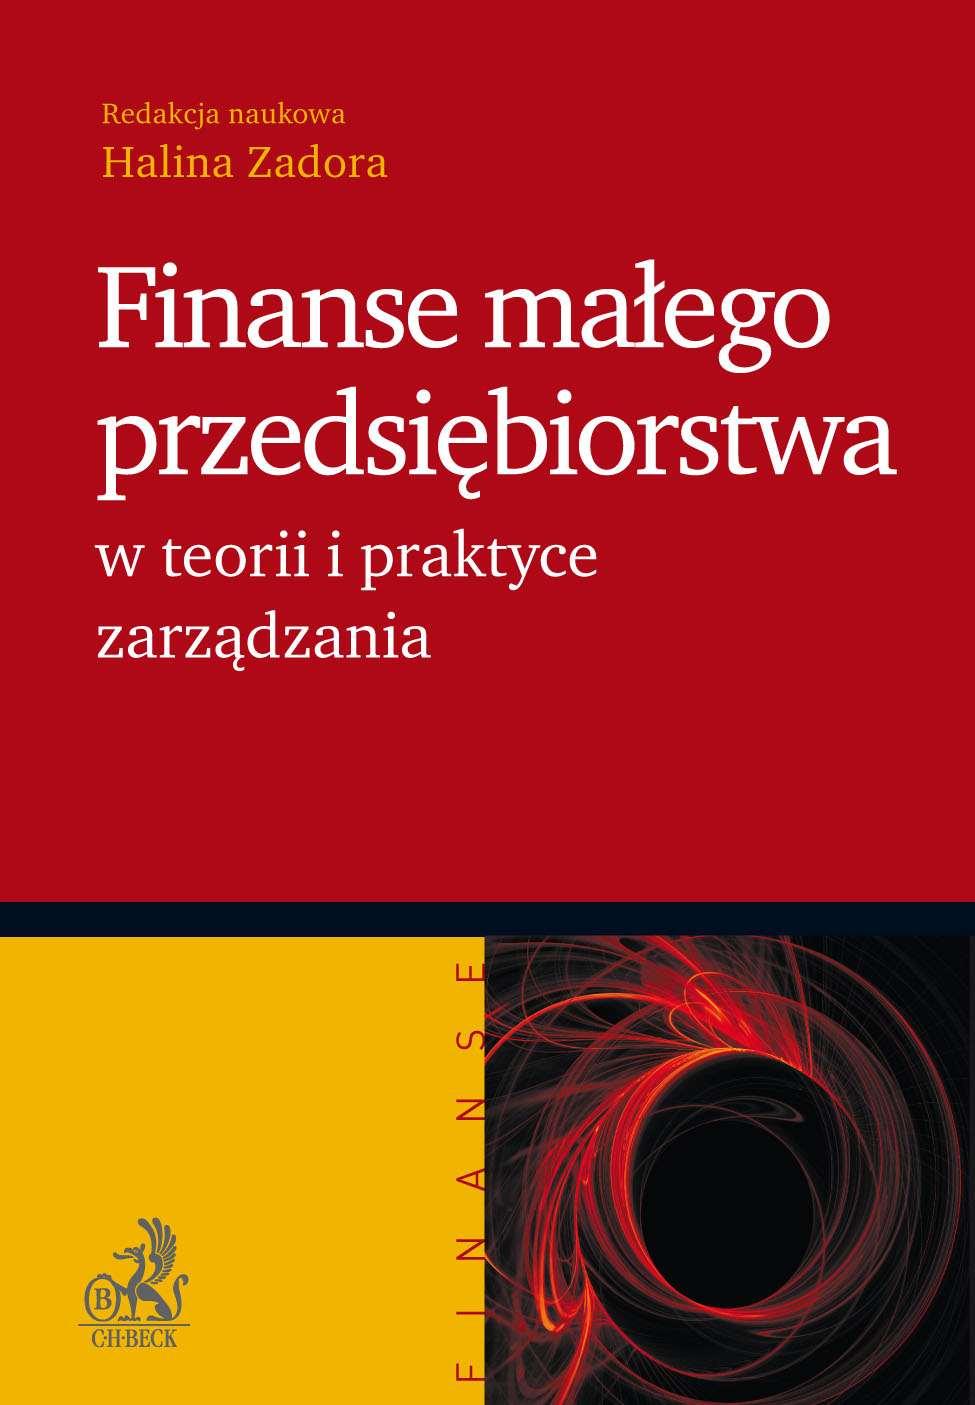 Finanse małego przedsiębiorstwa w teorii i praktyce zarządzania - Ebook (Książka PDF) do pobrania w formacie PDF